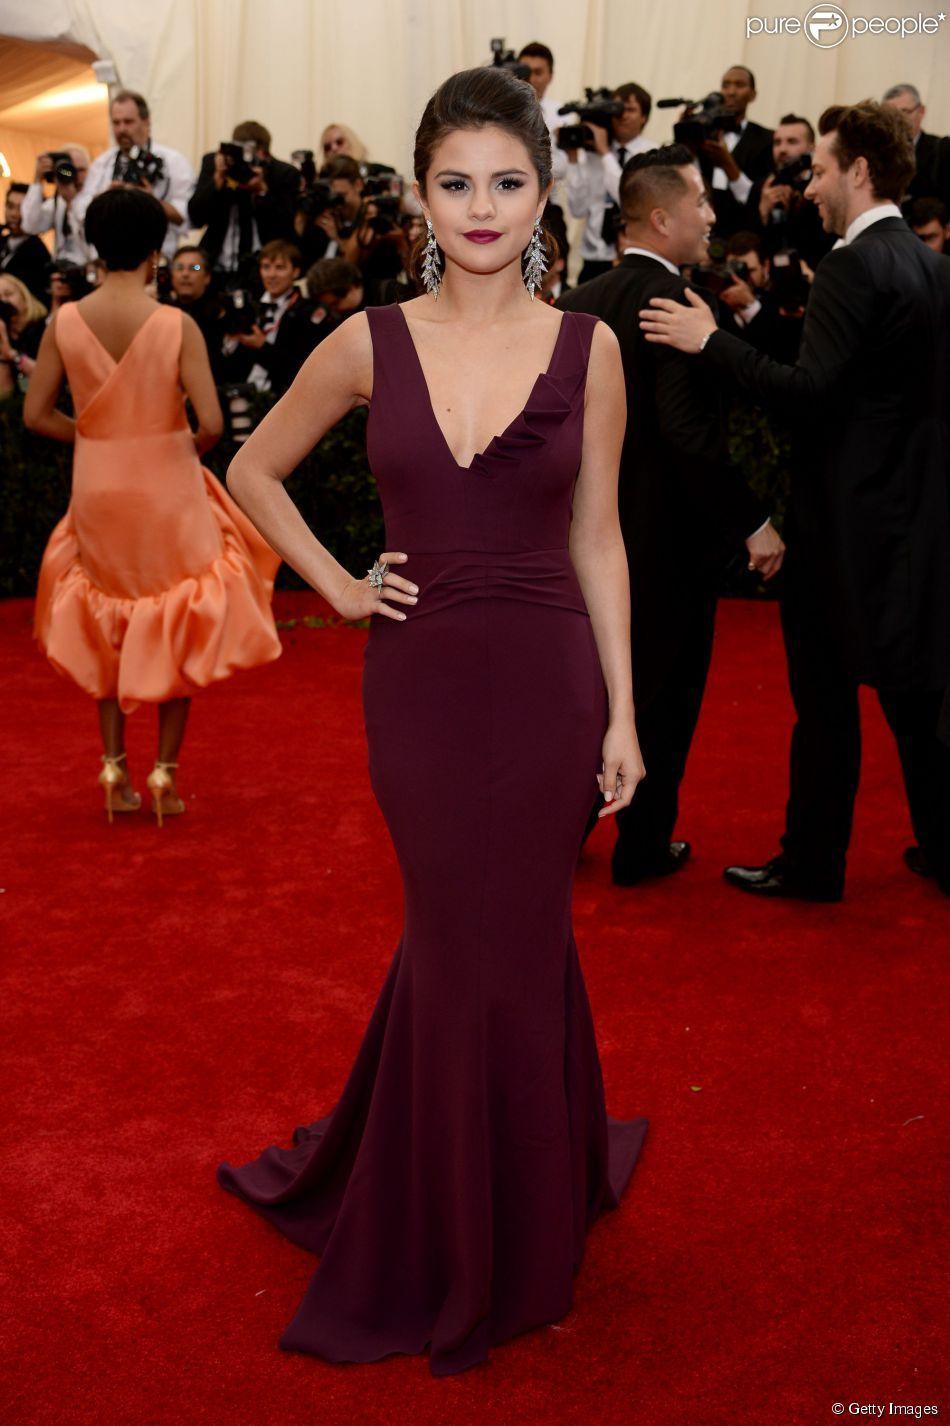 PHOTOS - Elegante e sem deixar de ser sexy, Selena Gomez usou um ...